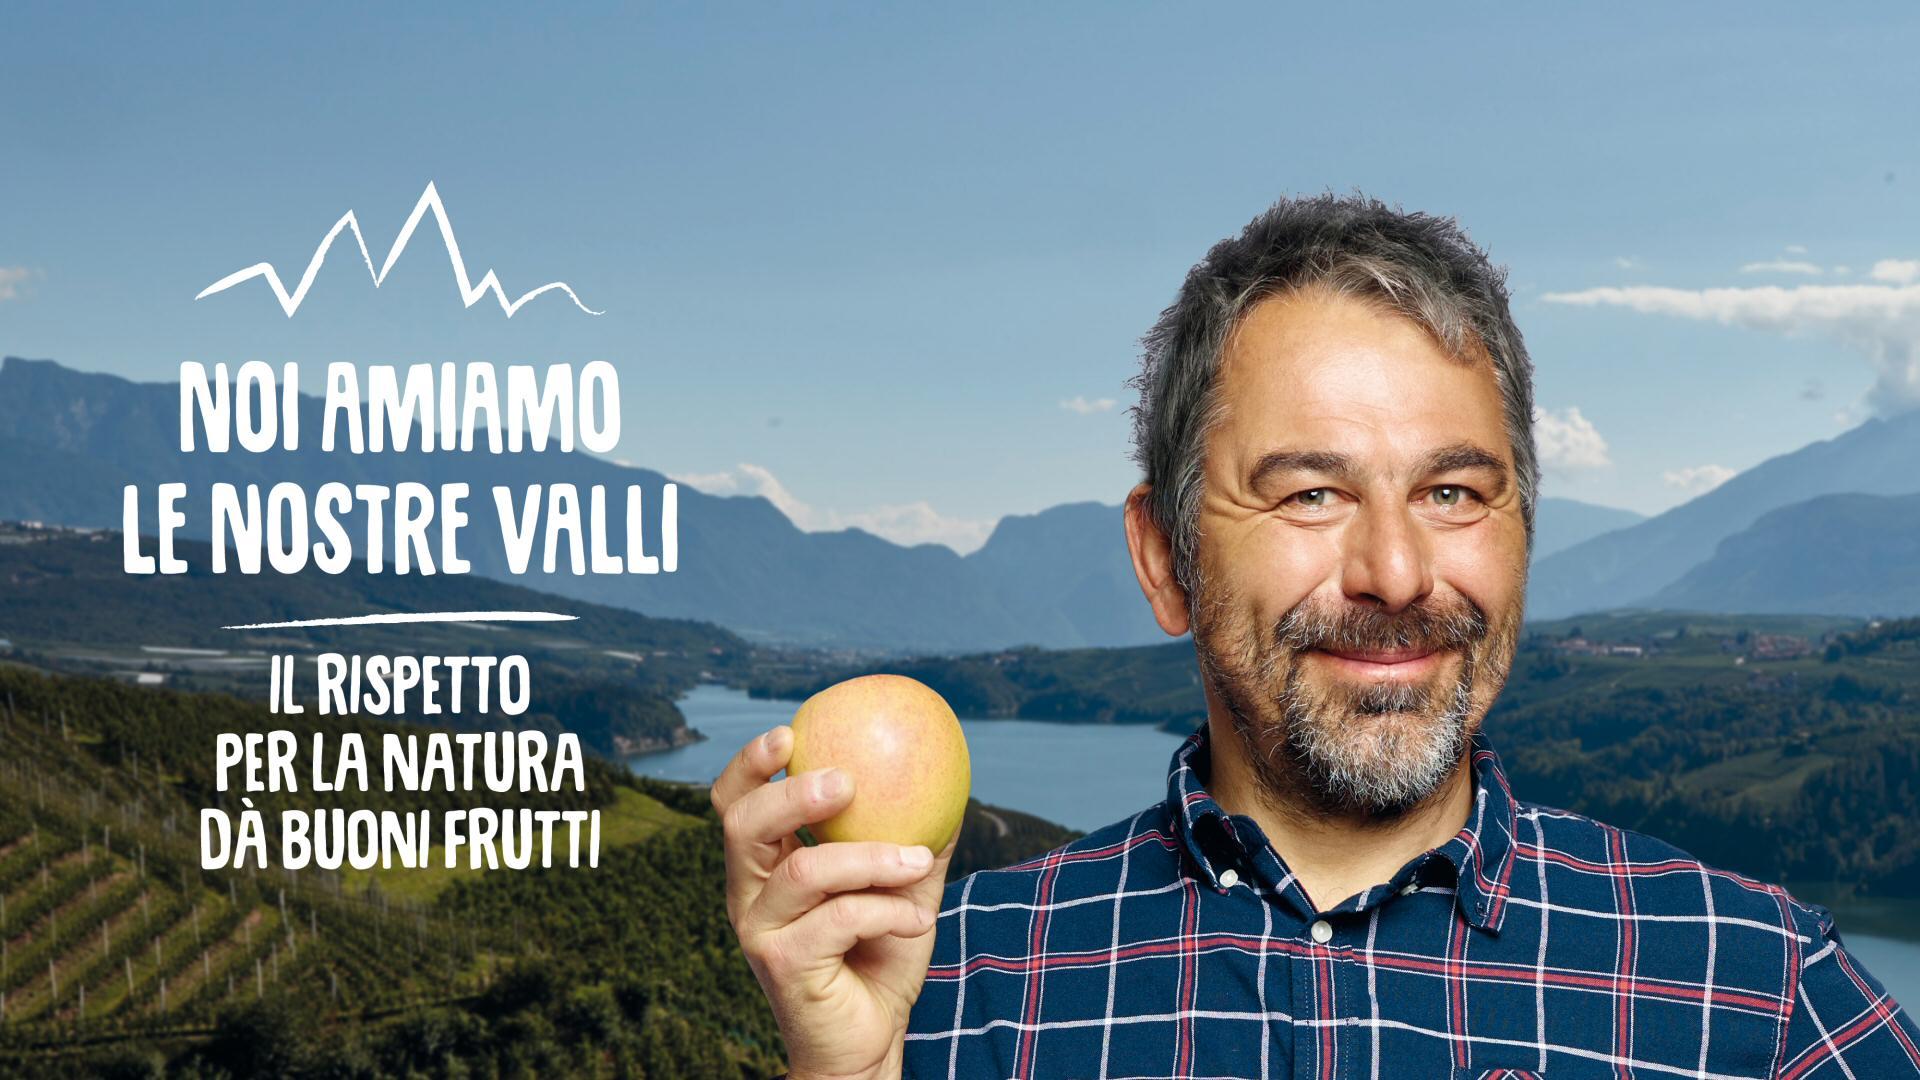 Noi amiamo le nostre valli - Melinda Trentino